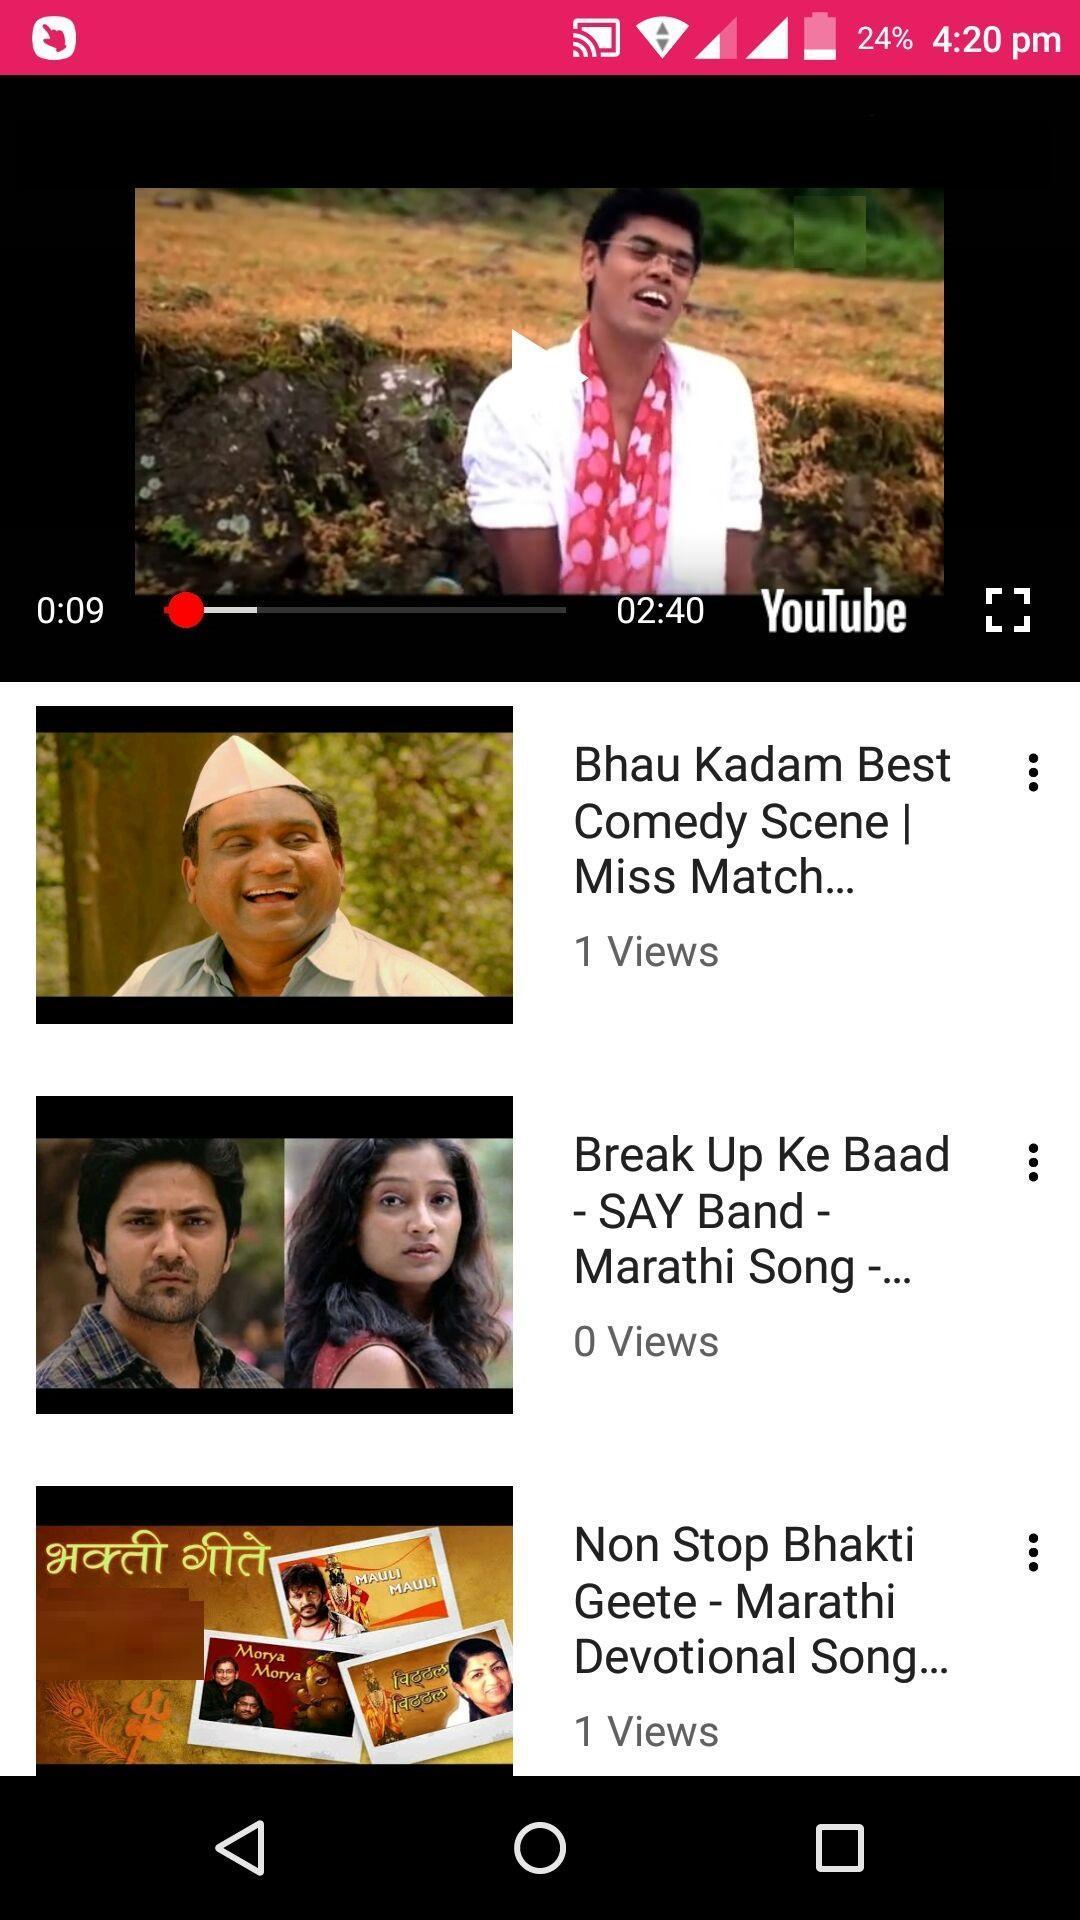 download song breakup ke baad